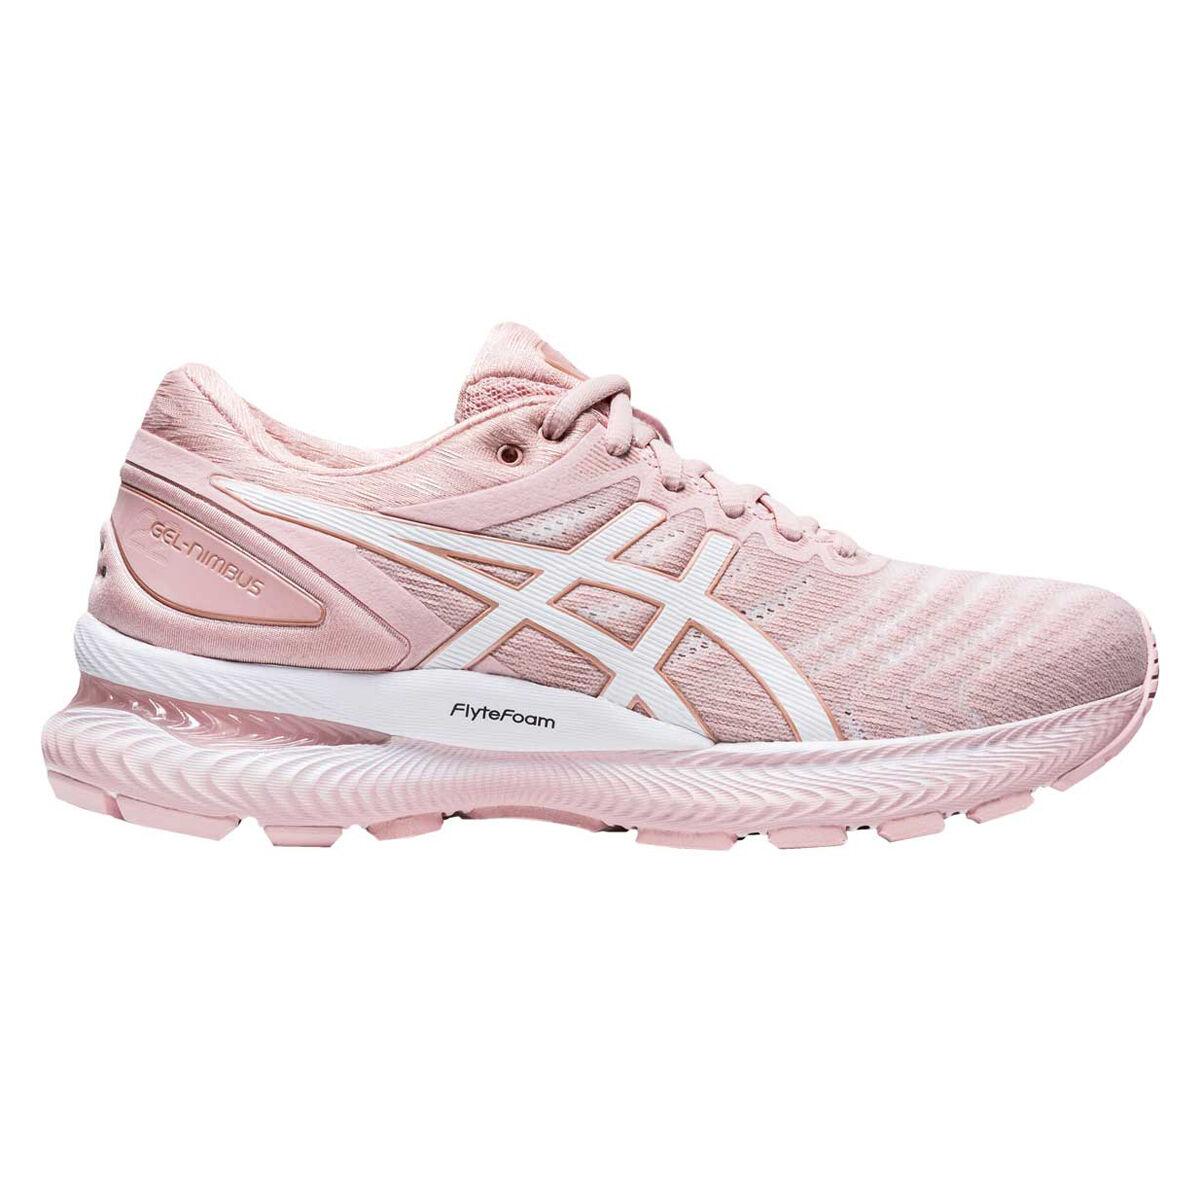 Asics GEL Nimbus 22 Womens Running